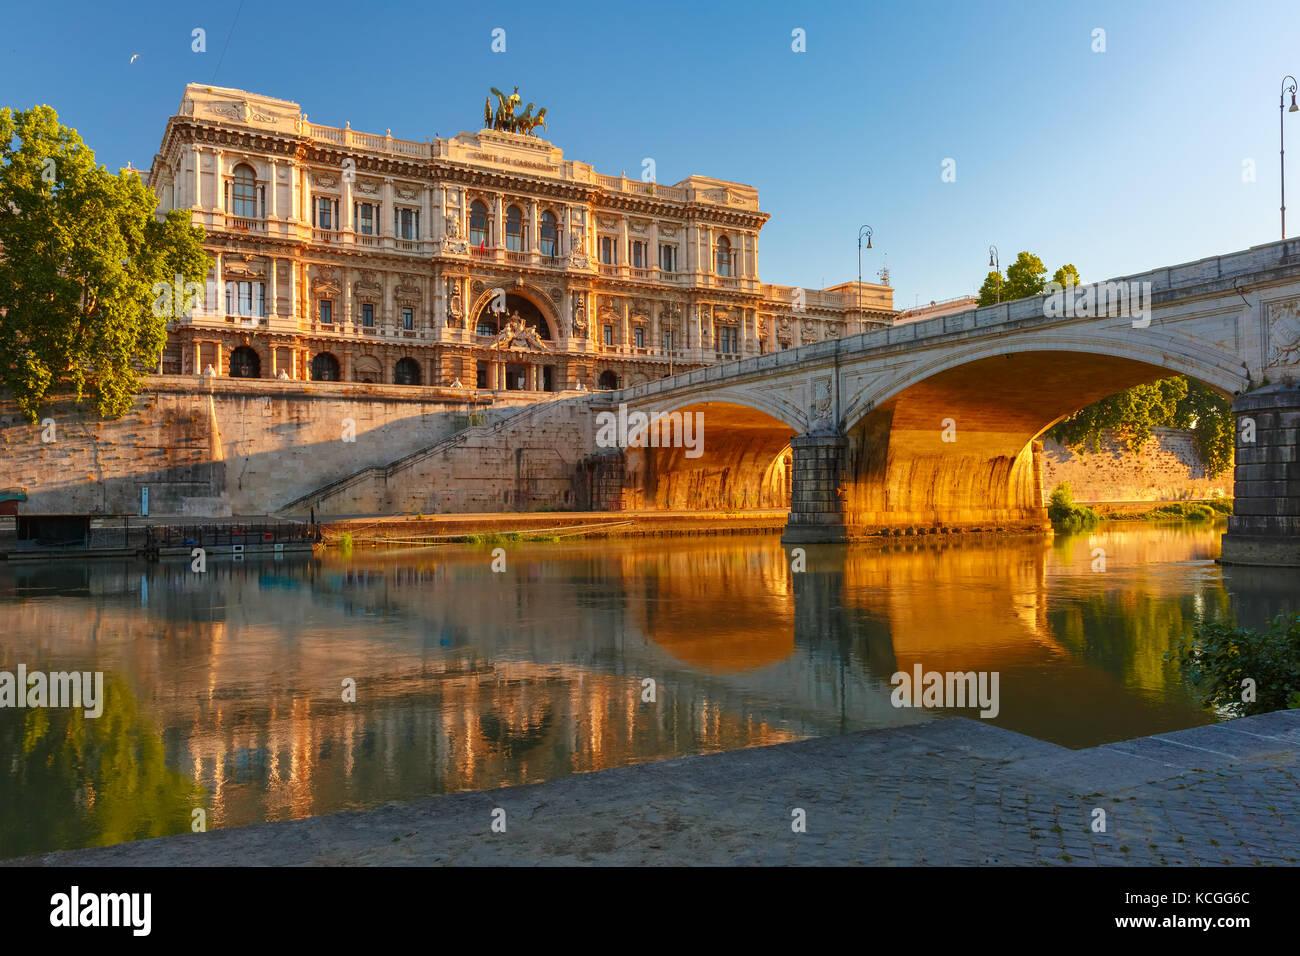 El palacio de justicia de Roma, Italia Foto de stock